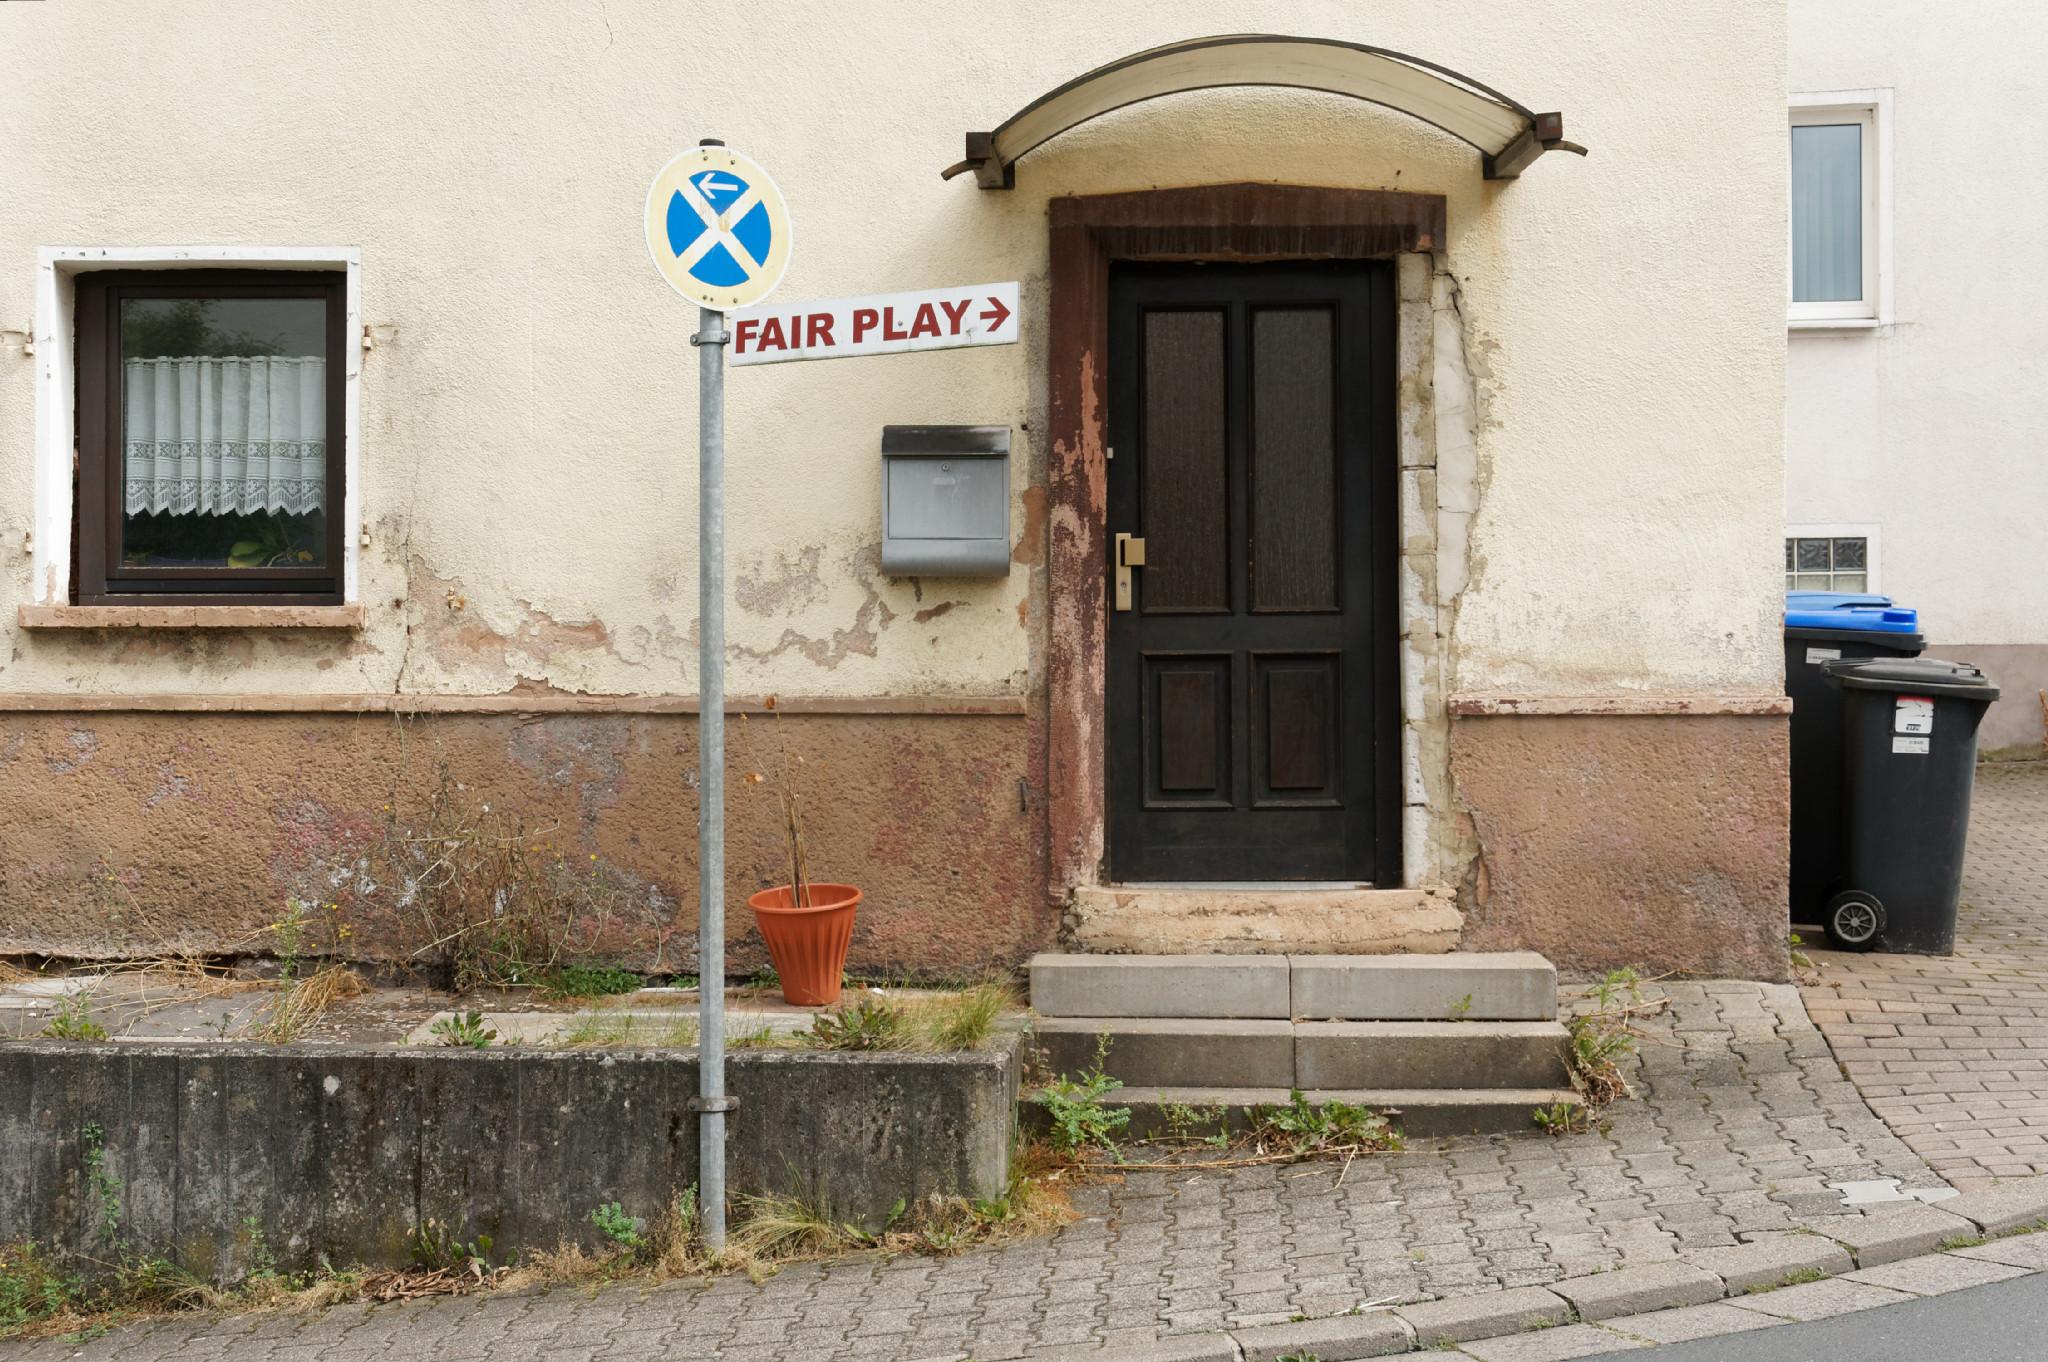 Wunschdenken: Fair Play in der Kunstwelt.